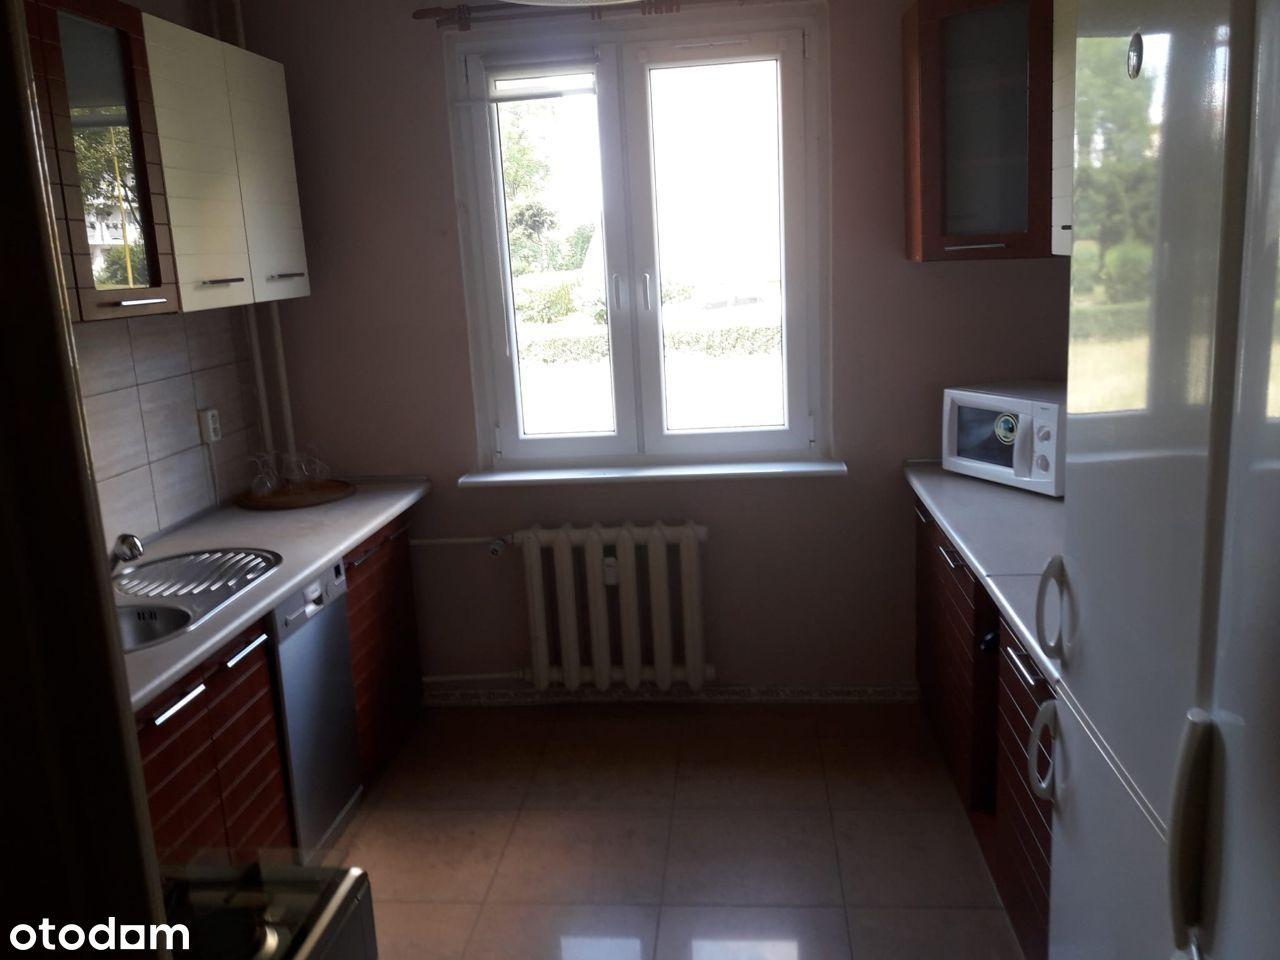 Książąt Pomorskich-mieszkanie dla firm!!! 4 pokoje